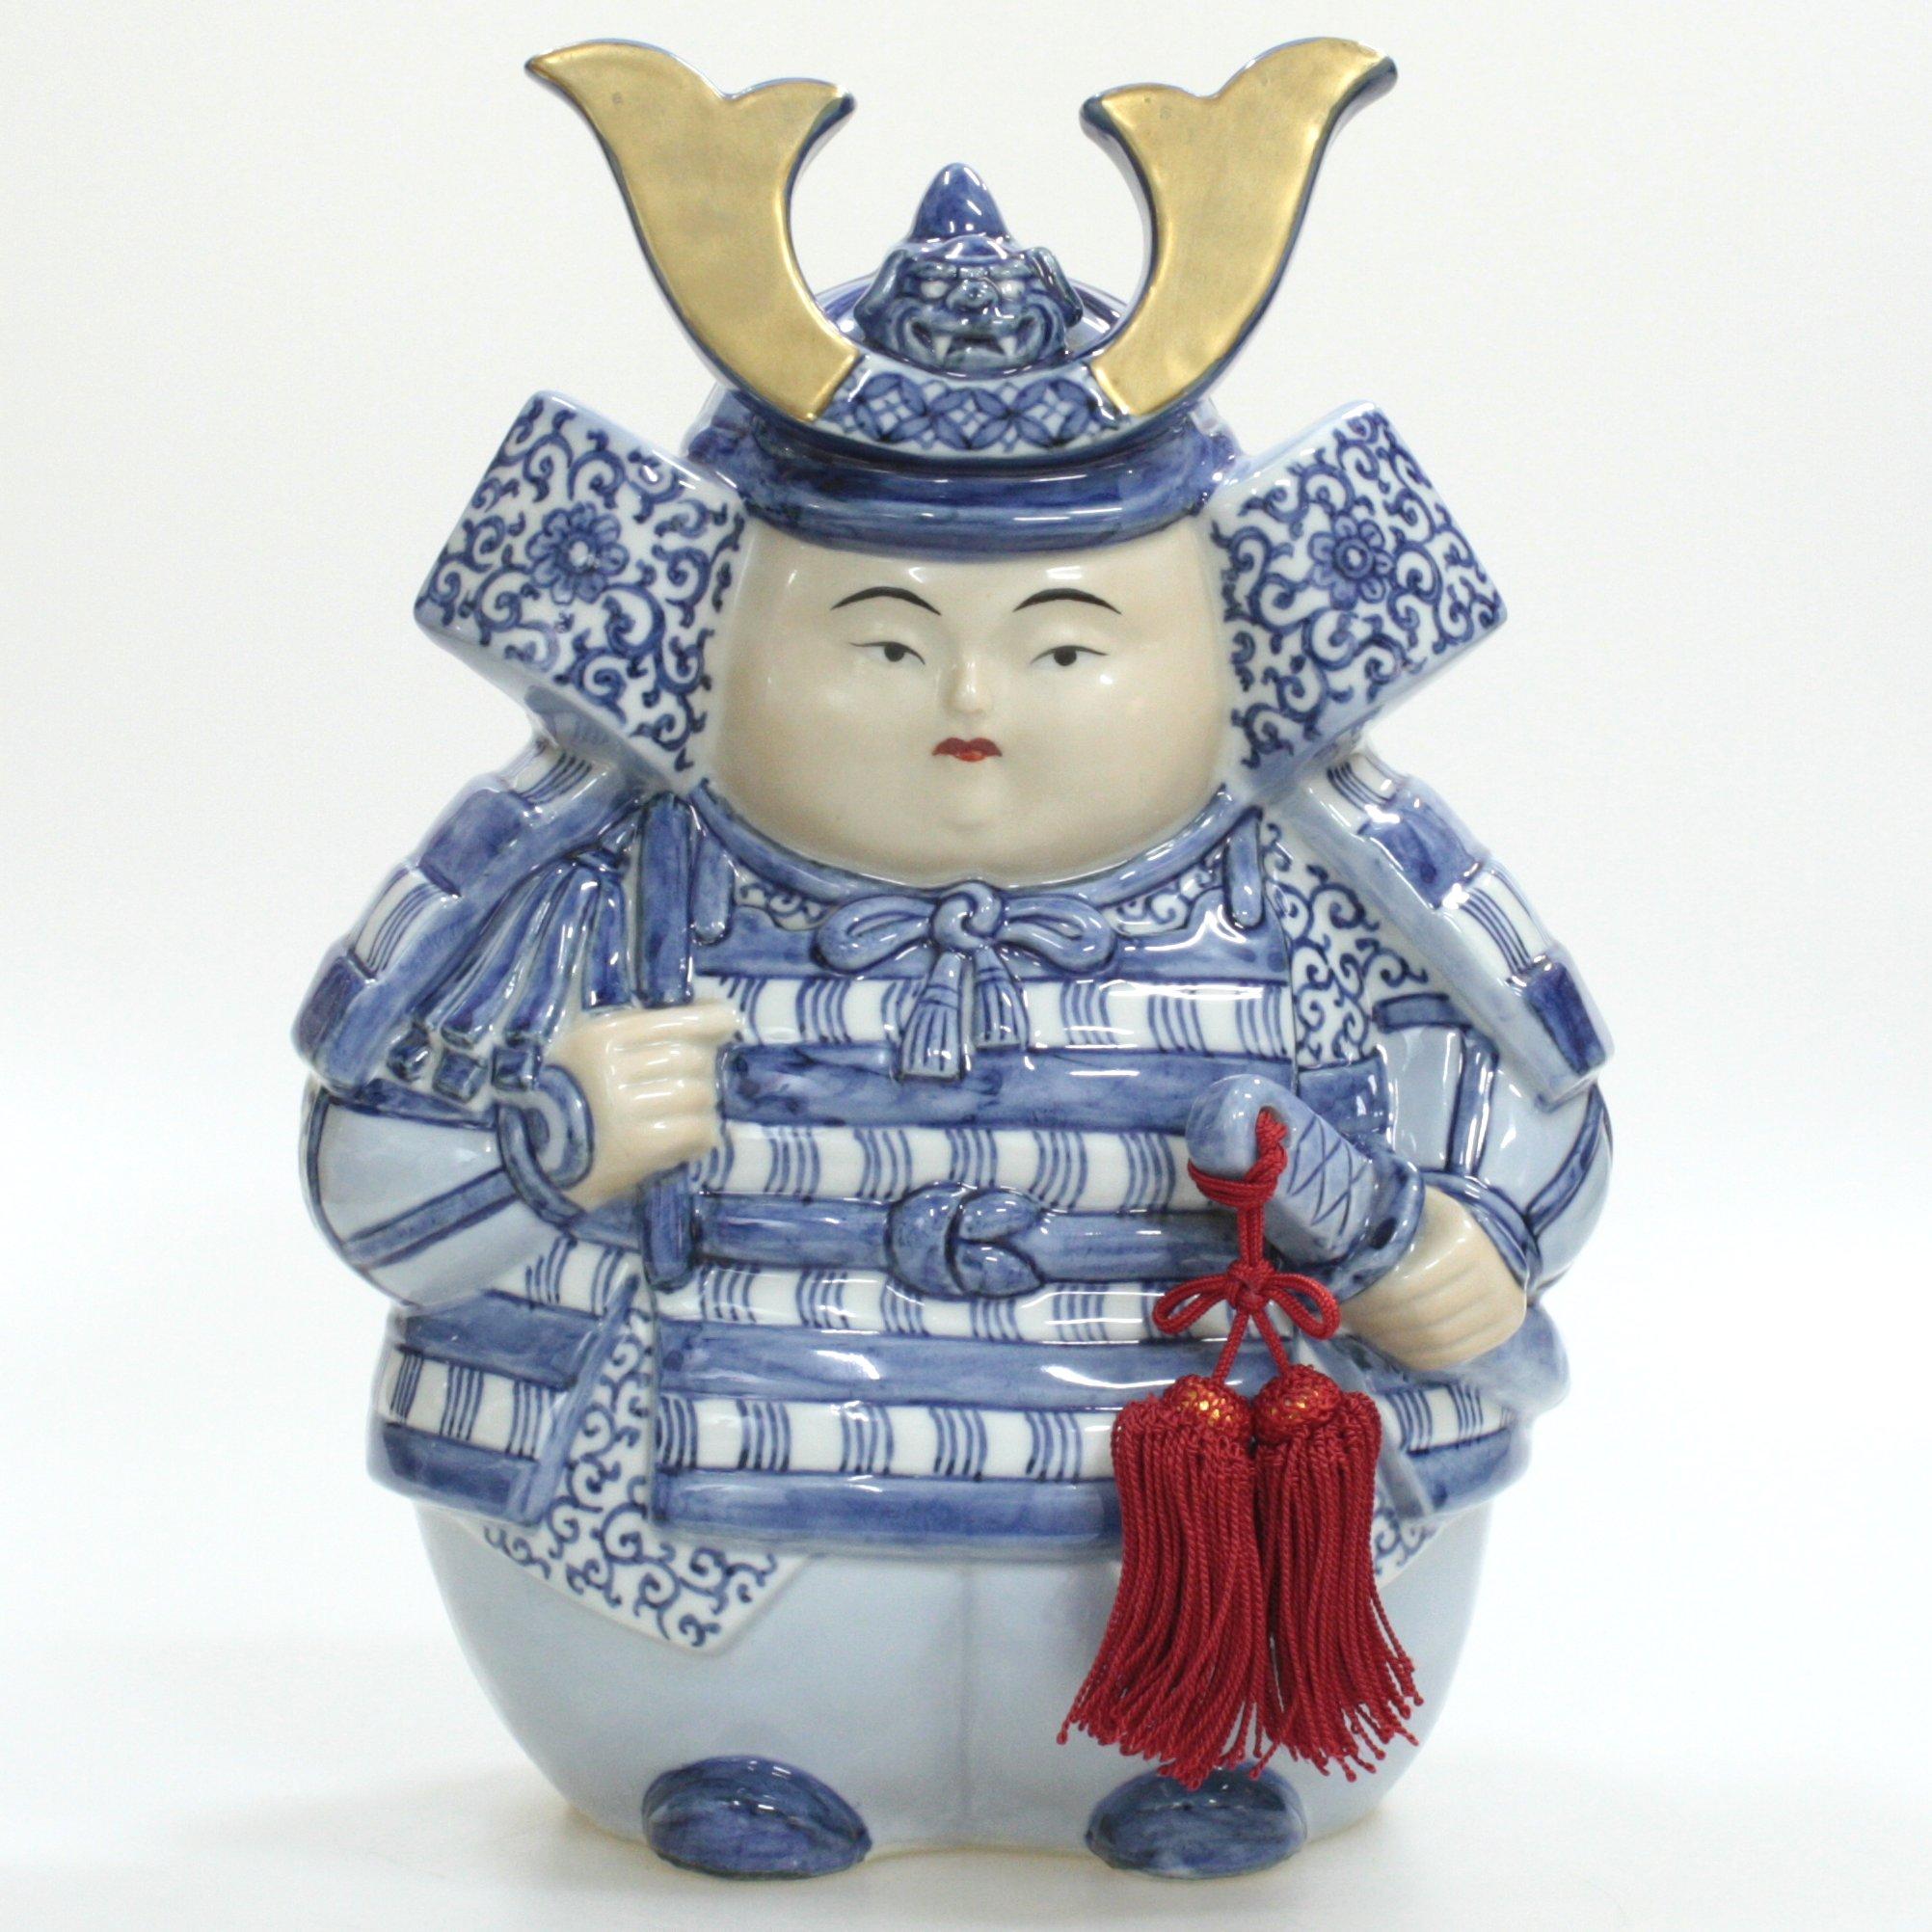 九谷焼ギフト 端午の節句 初節句御祝い 九谷焼8.5号武者人形 金彩染付